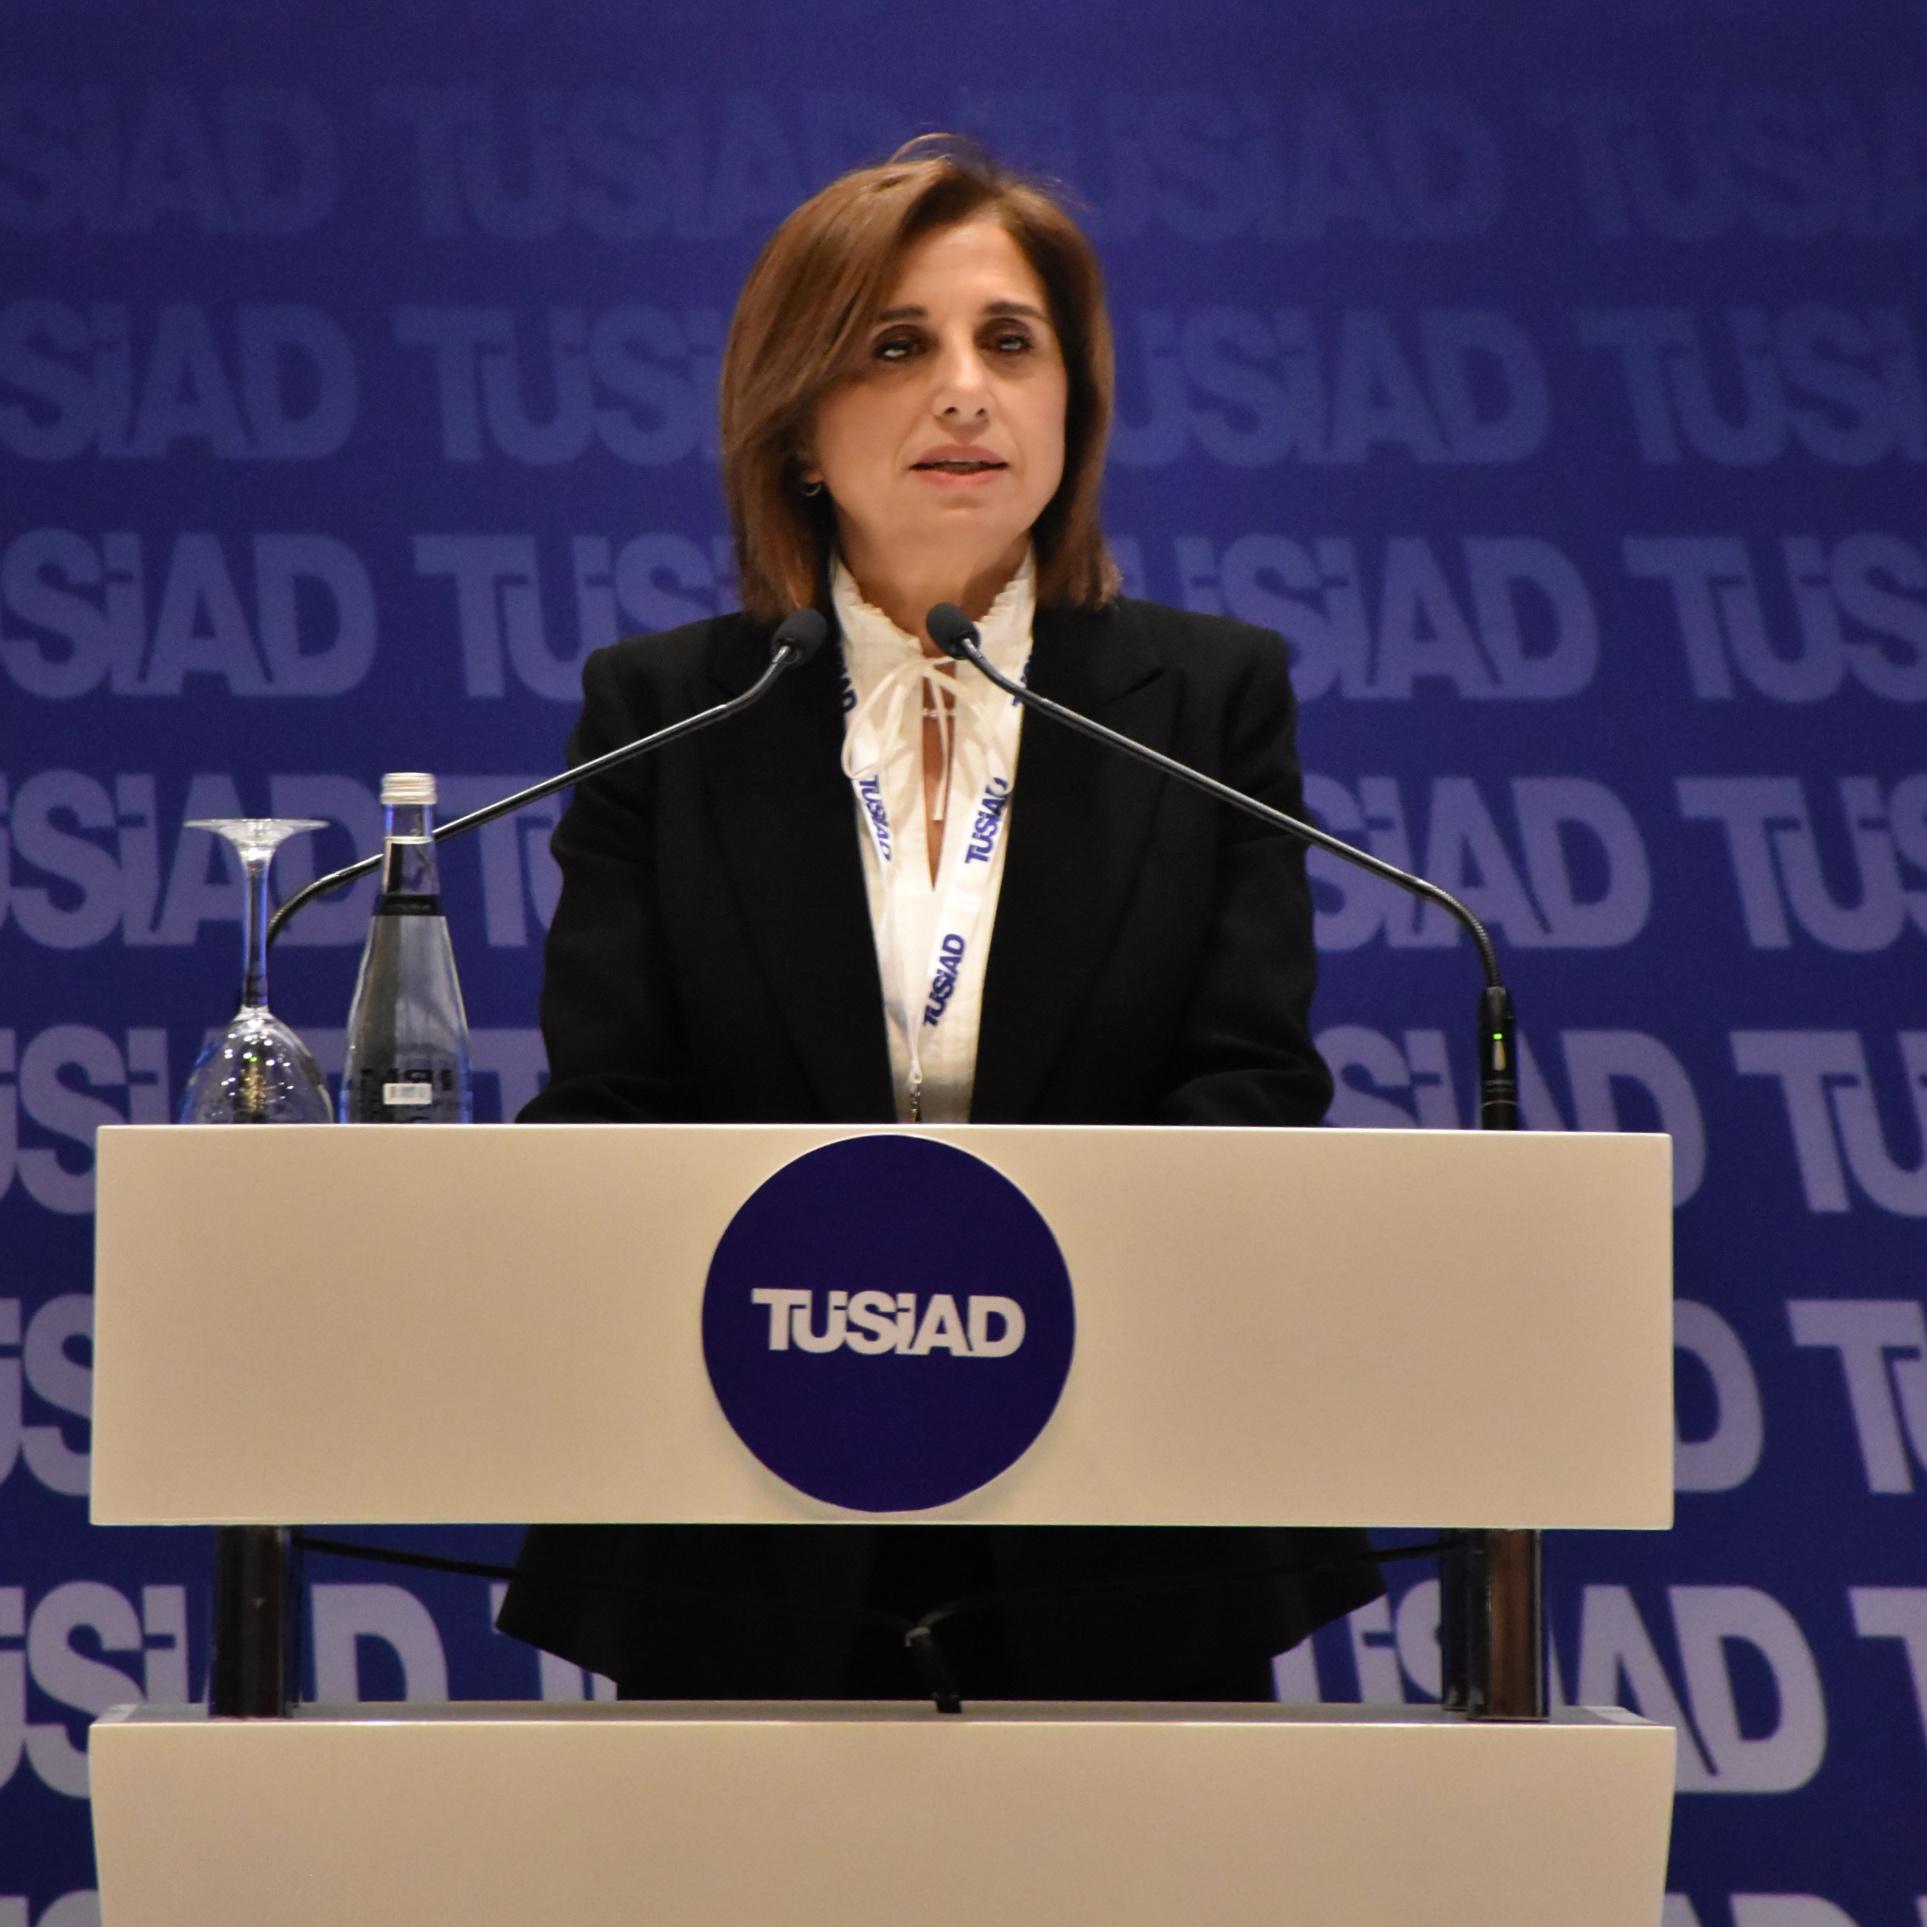 """TÜSİAD Başkanı Cansen Başaran Symes""""Türkiye'nin normalleşmeye ihtiyacı var, OHAL kaldırılsın"""""""